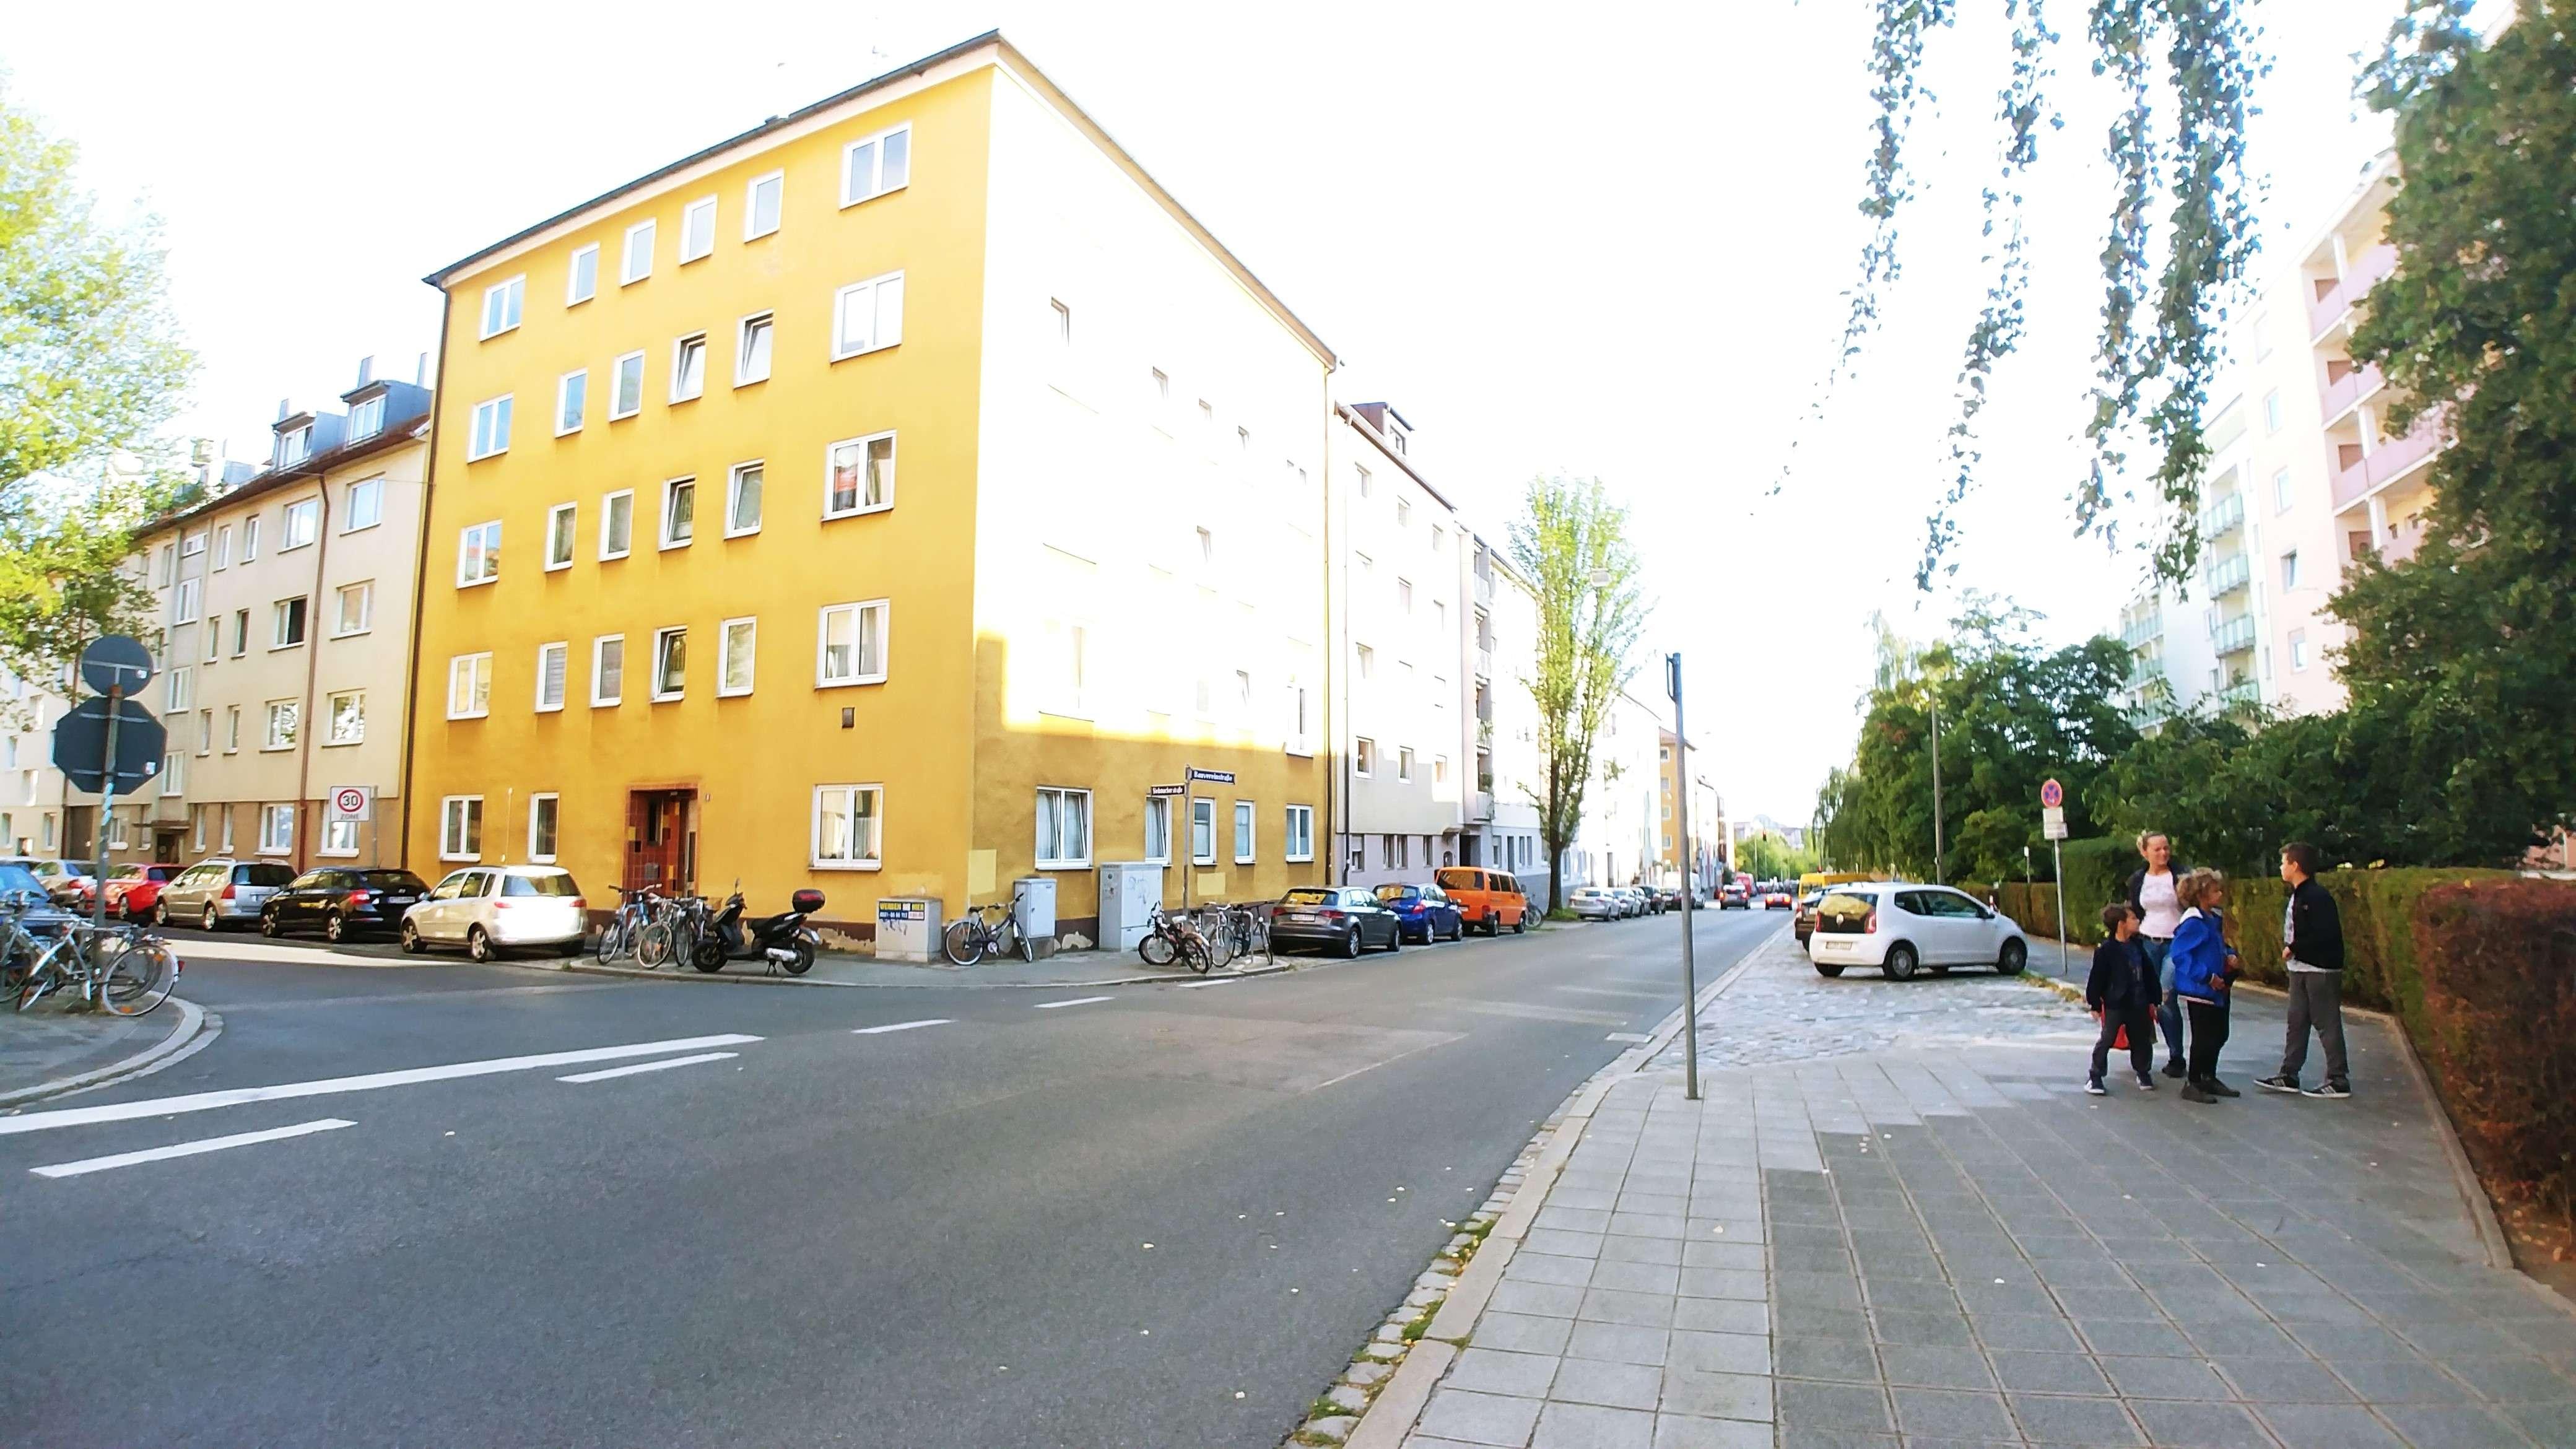 Gut geschnittene 3-Zimmerwohnung in Wöhrd in Veilhof (Nürnberg)